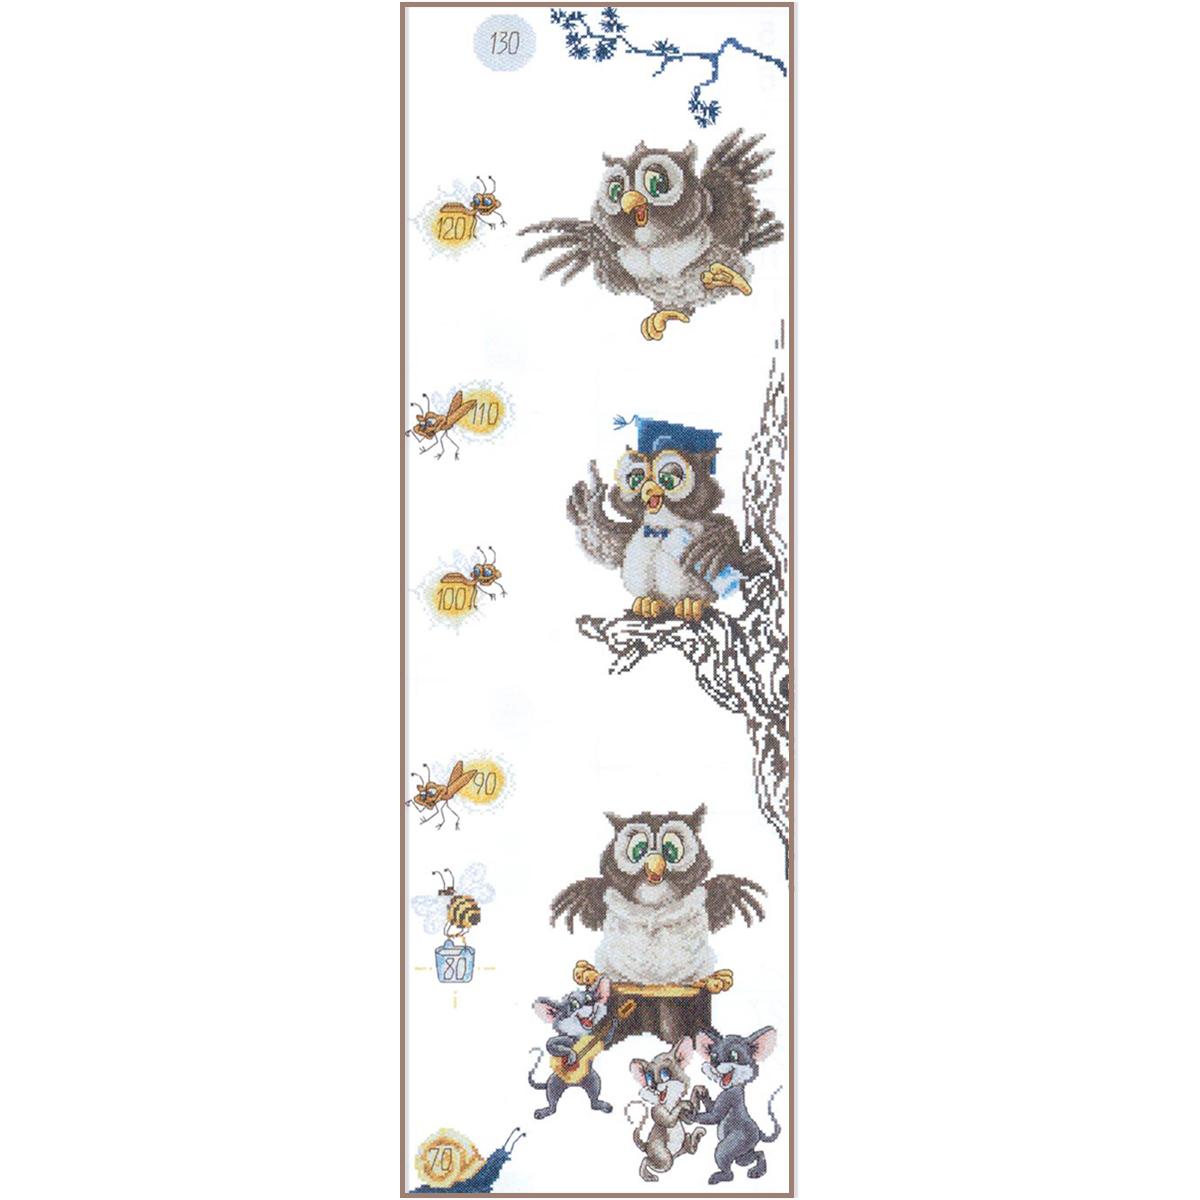 1031 Набор для вышивания Alisena ростомер 'Сова', 21*64 см